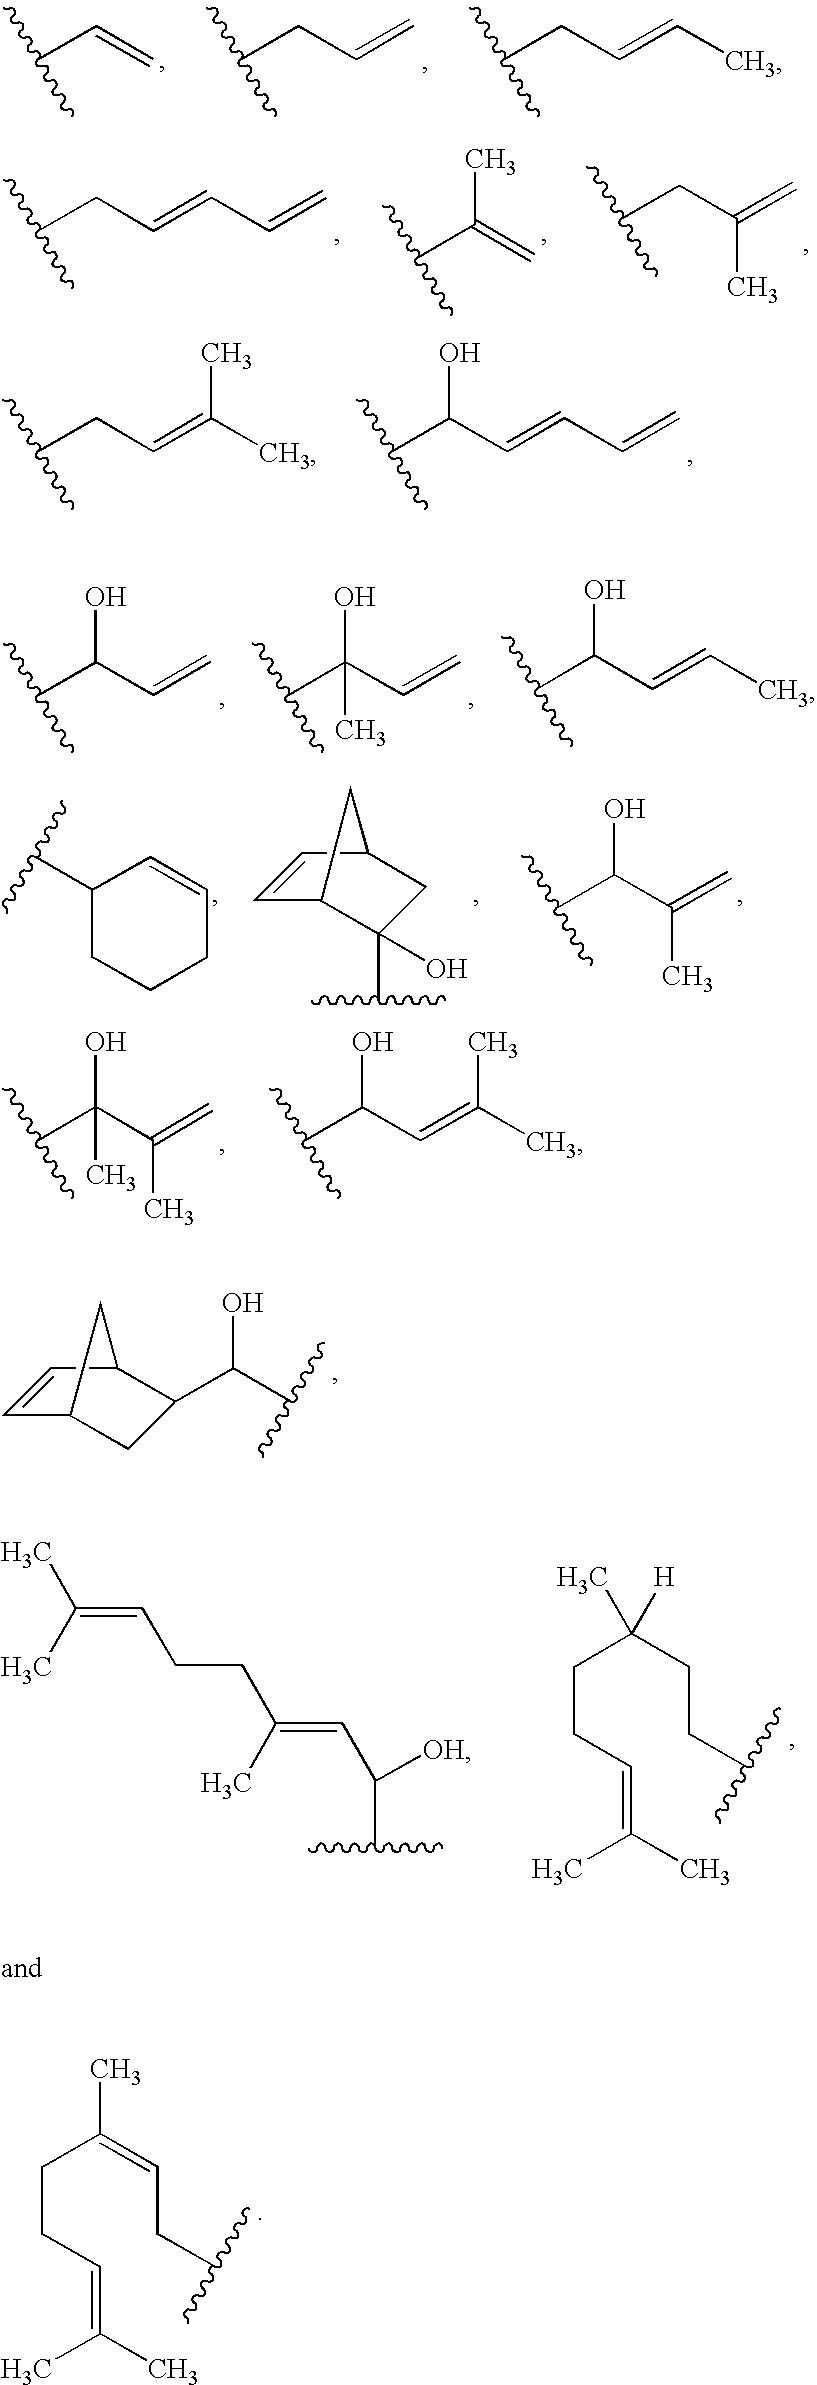 Figure US06716955-20040406-C00002